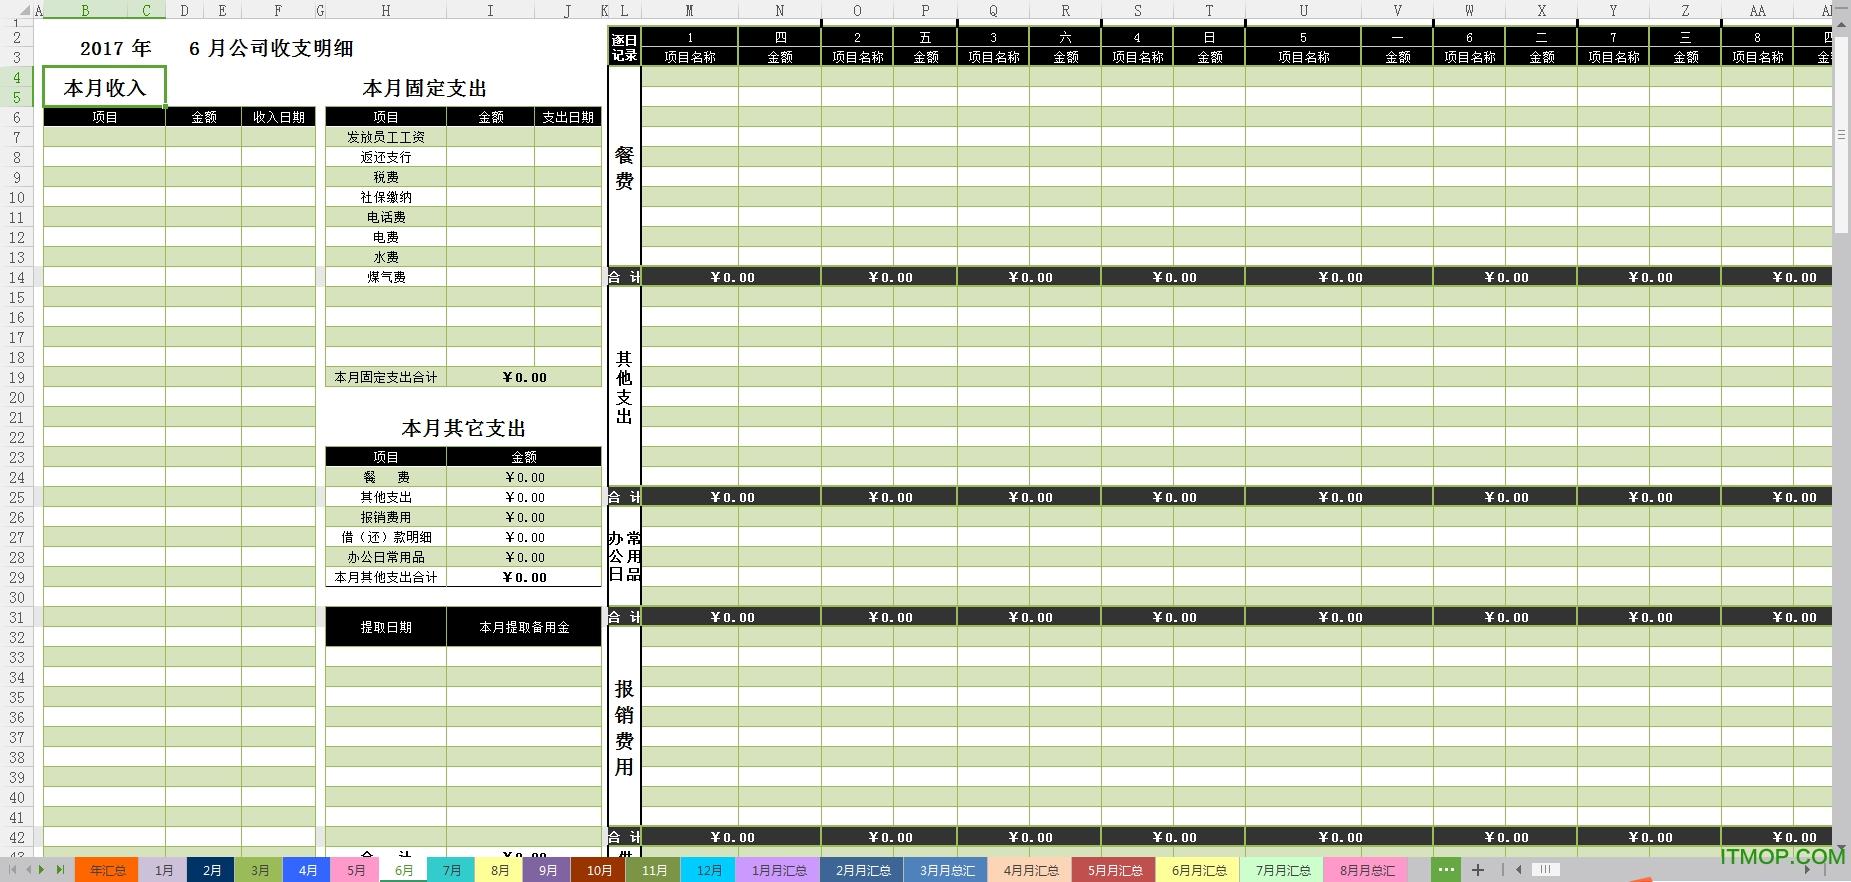 公司收支明细表模板下载 公司日常收支明细表下载2017 excel电子版